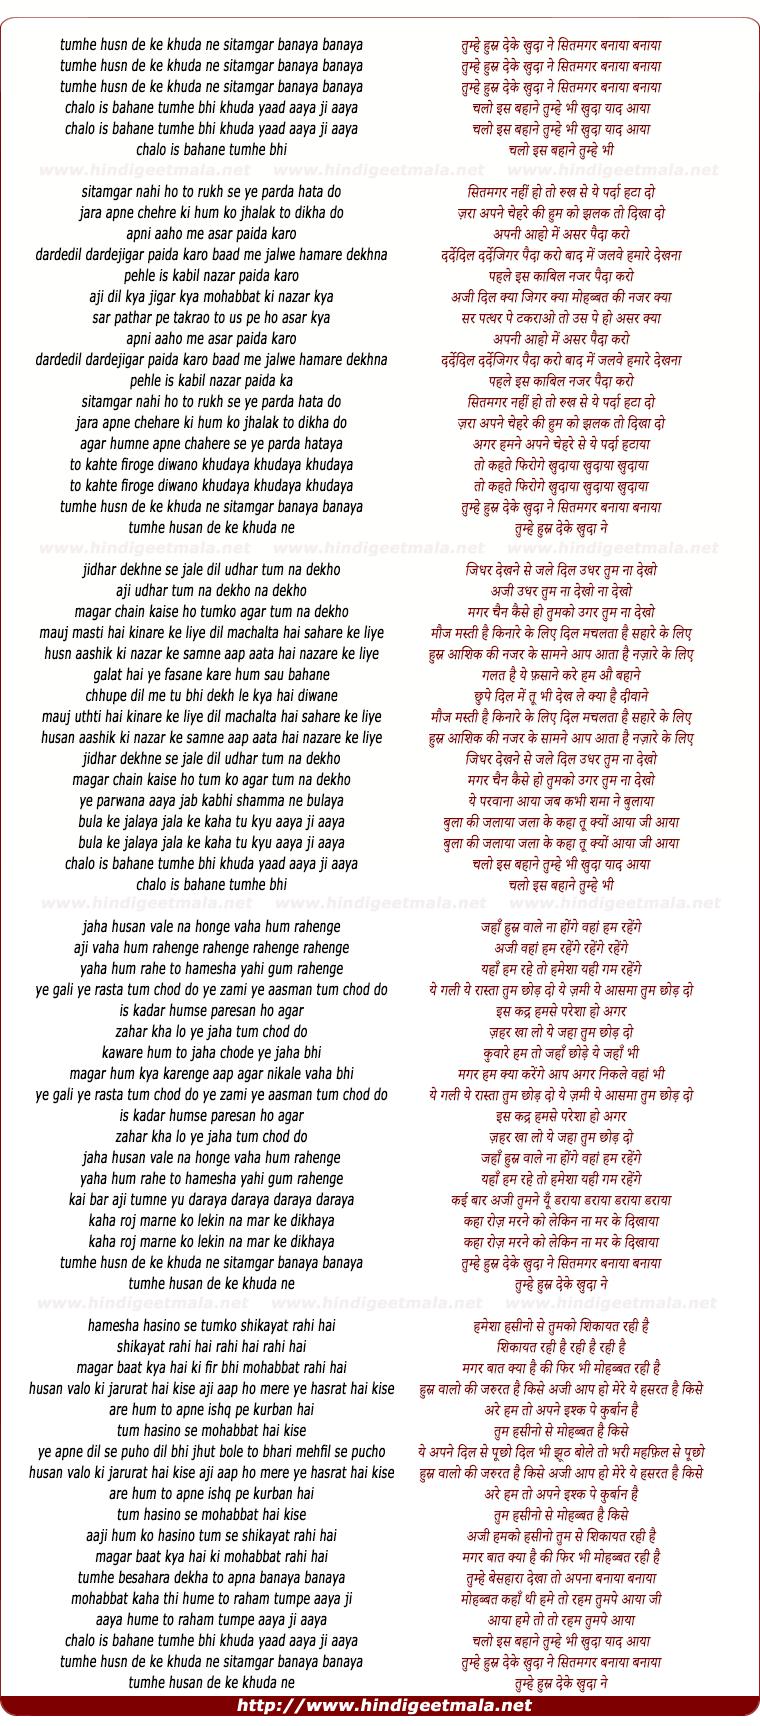 lyrics of song Tumhe Husn De Ke Khuda Ne Sitamgar Banaya